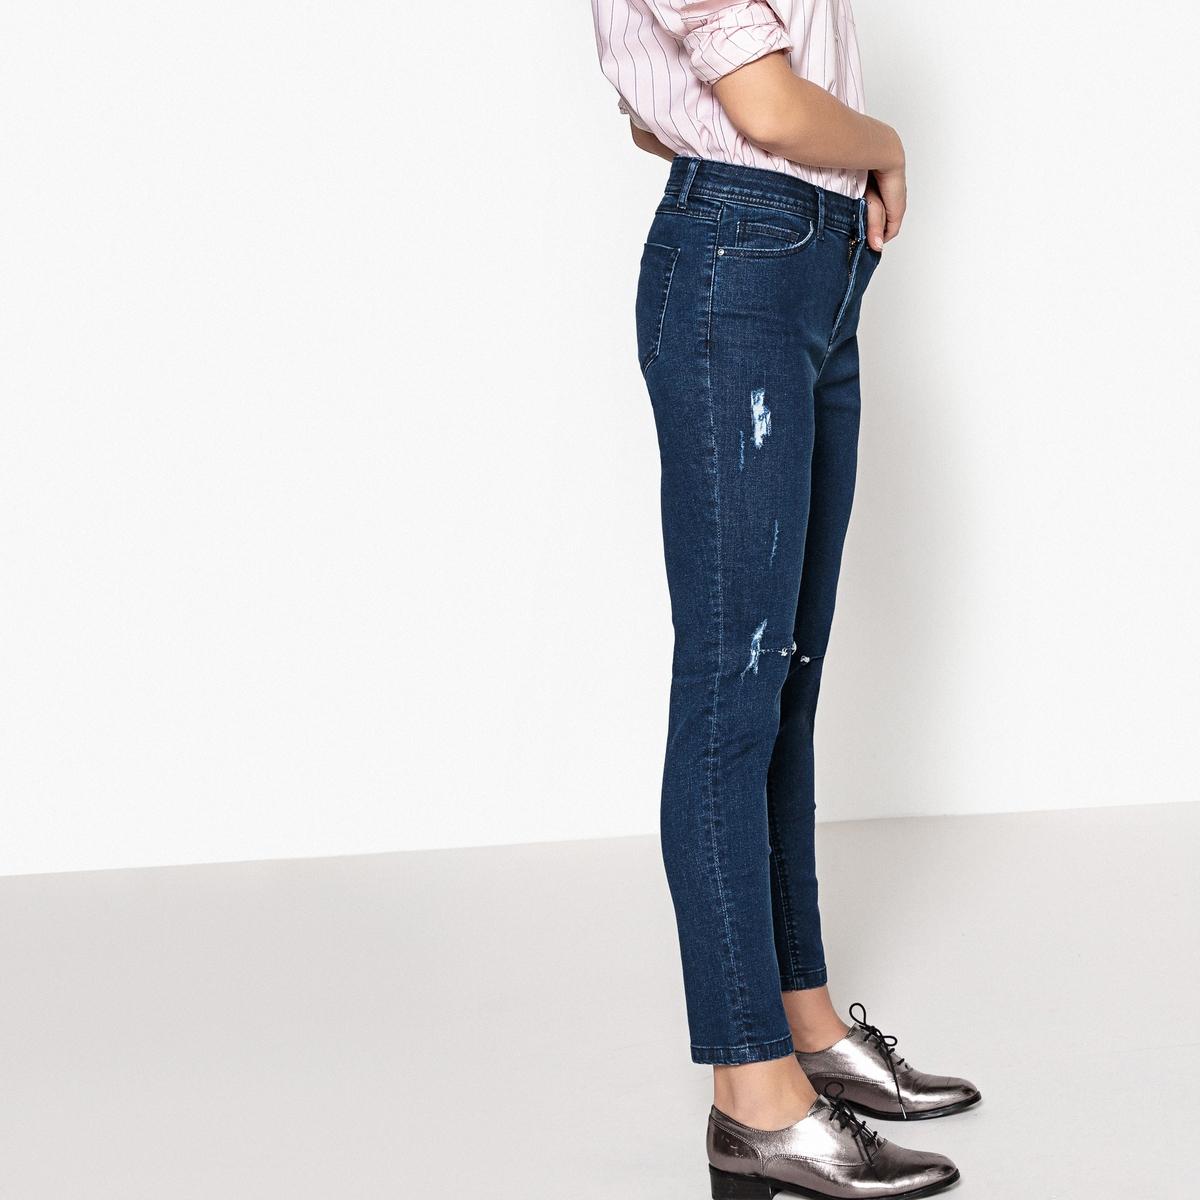 Джинсы-скинни высокие джинсы скинни длина 32